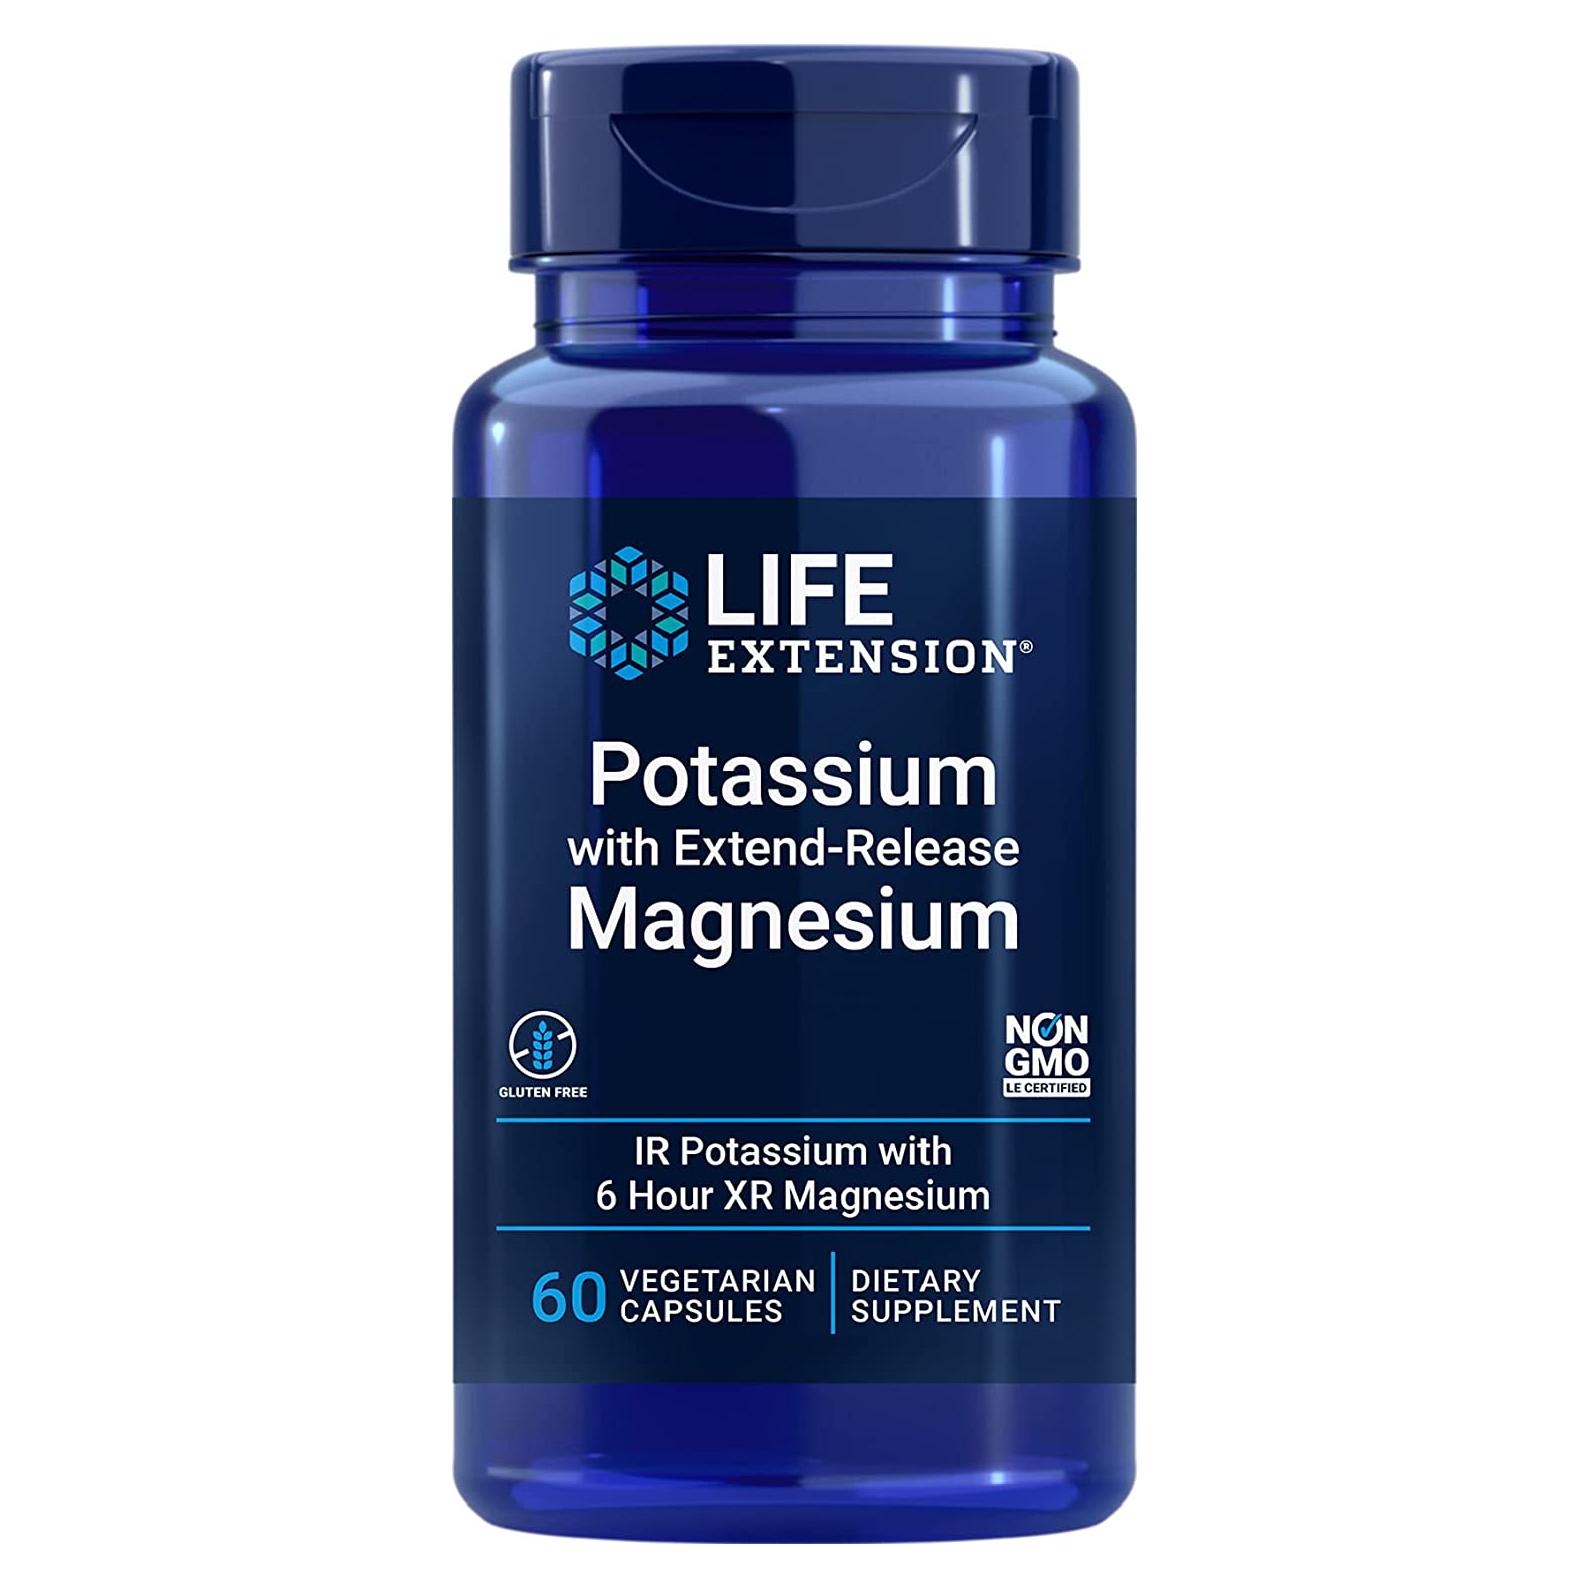 Life Extension ライフエクステンション カリウム 超人気 上品 徐放マグネシウム含む 60ベジタリアンカプセル 海外直送品